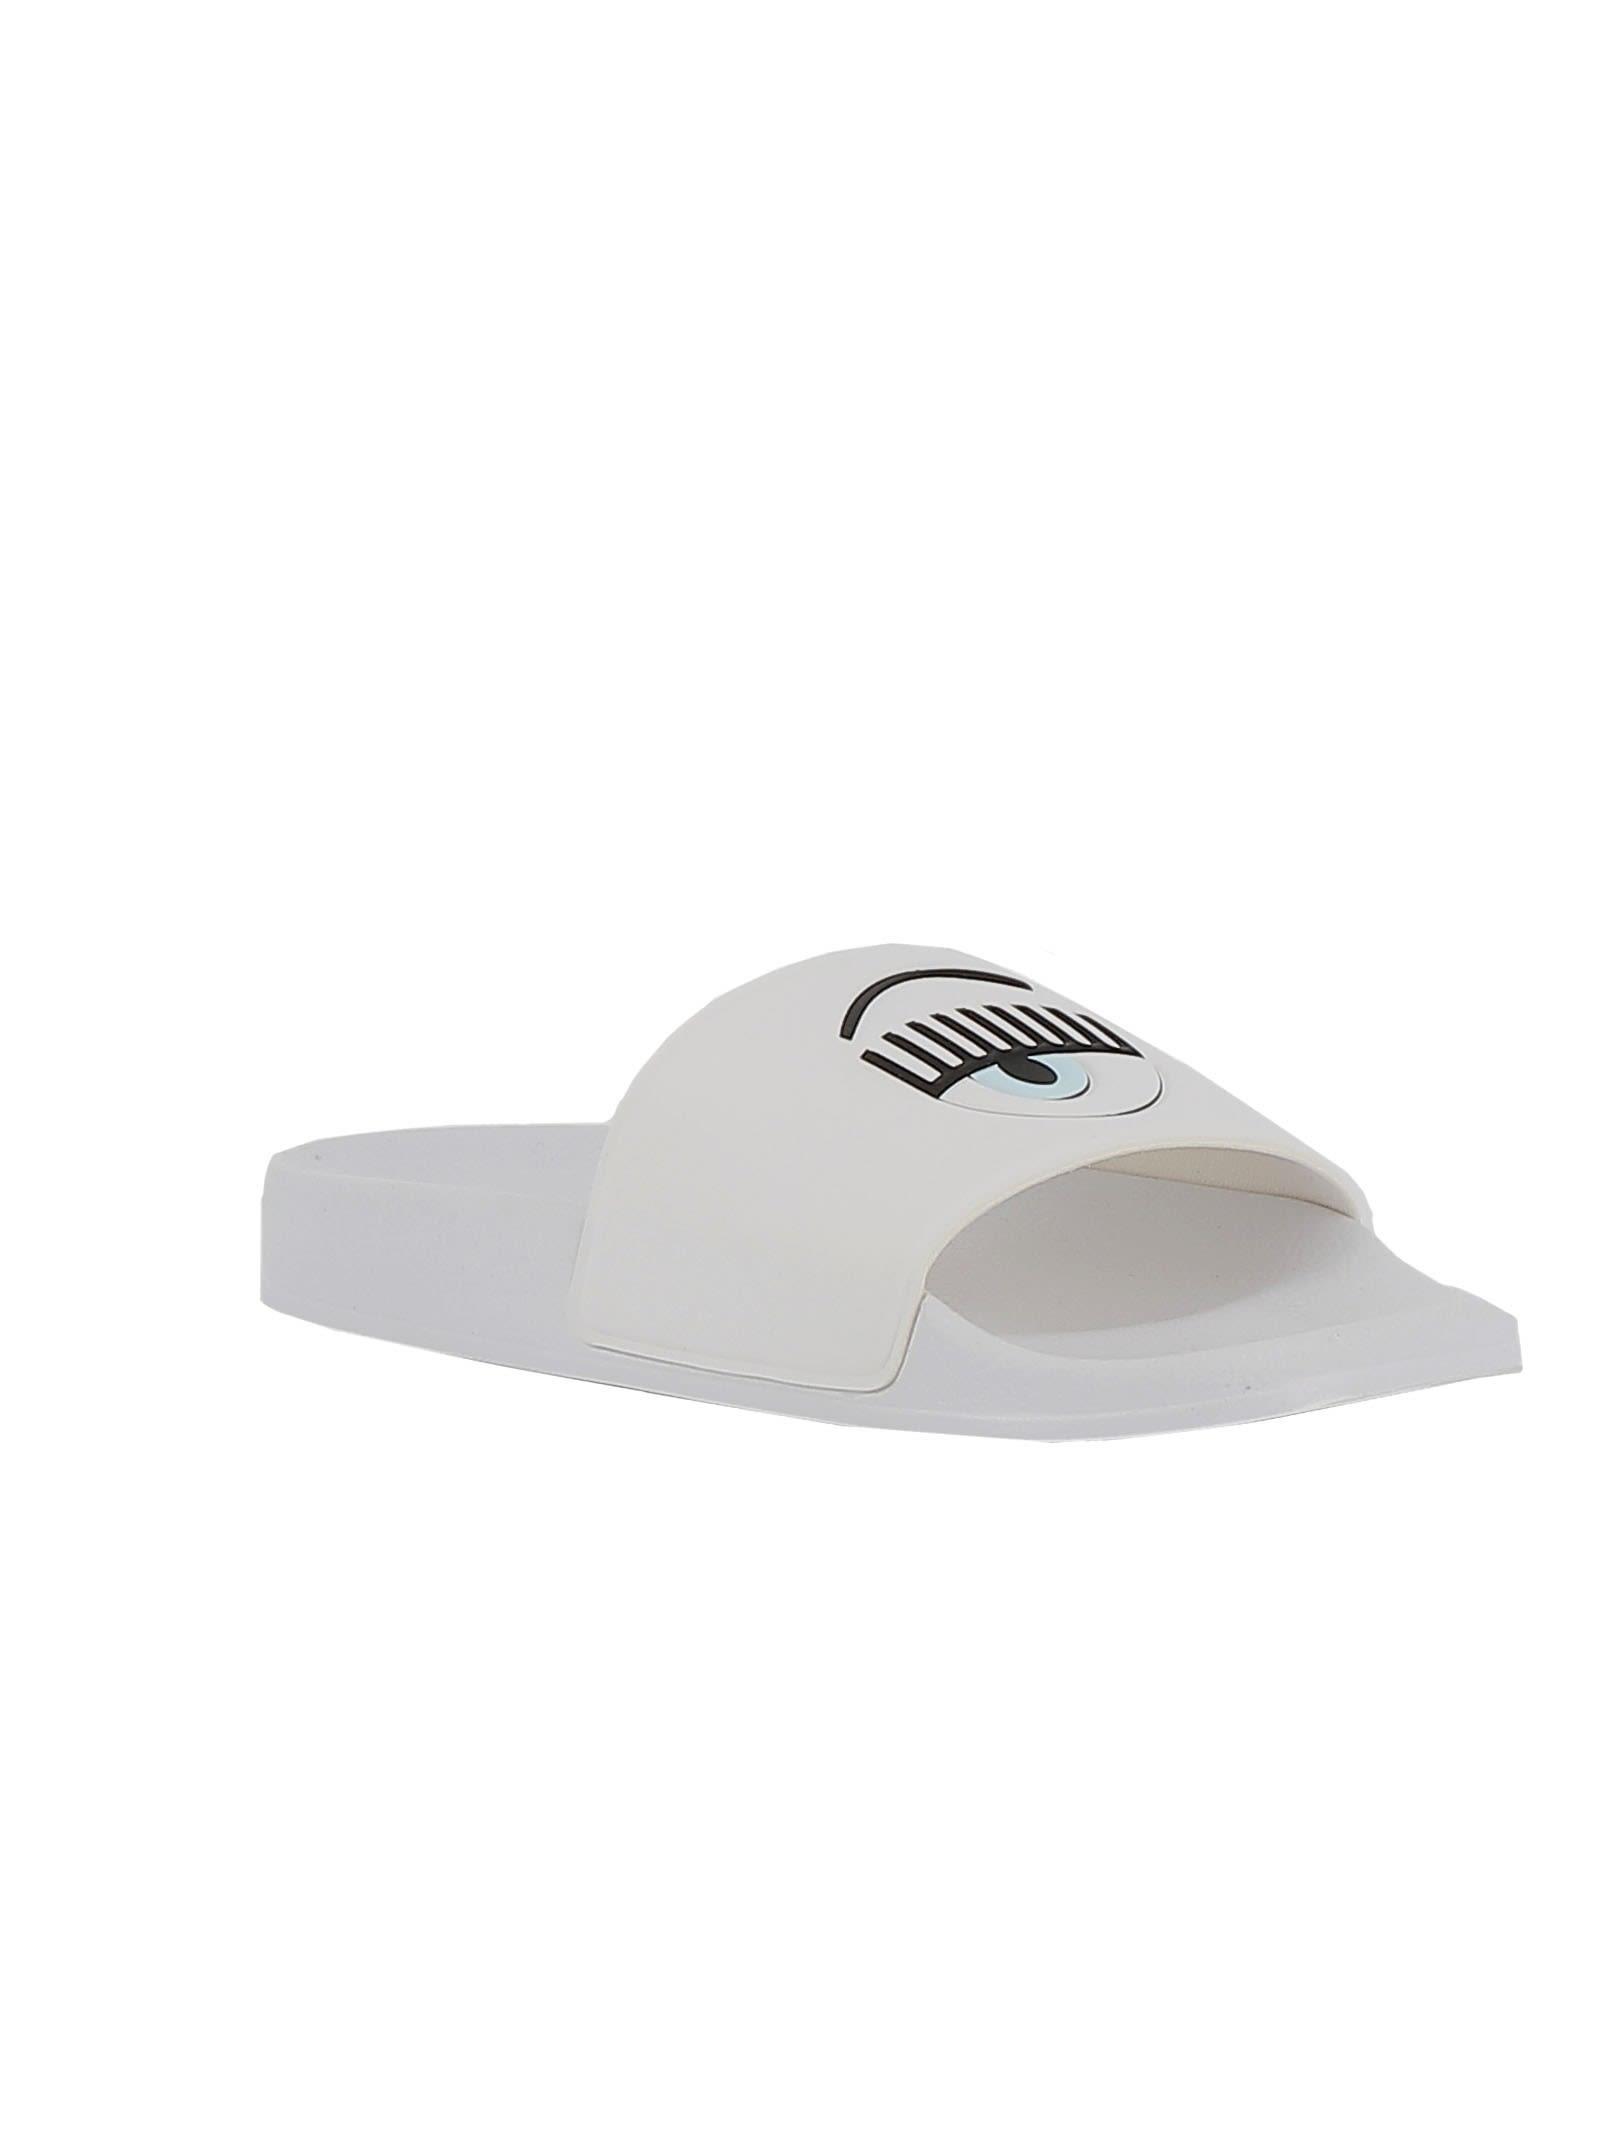 ebaeb22c93f9 Chiara Ferragni Chiara Ferragni White Rubber Slippers - White ...